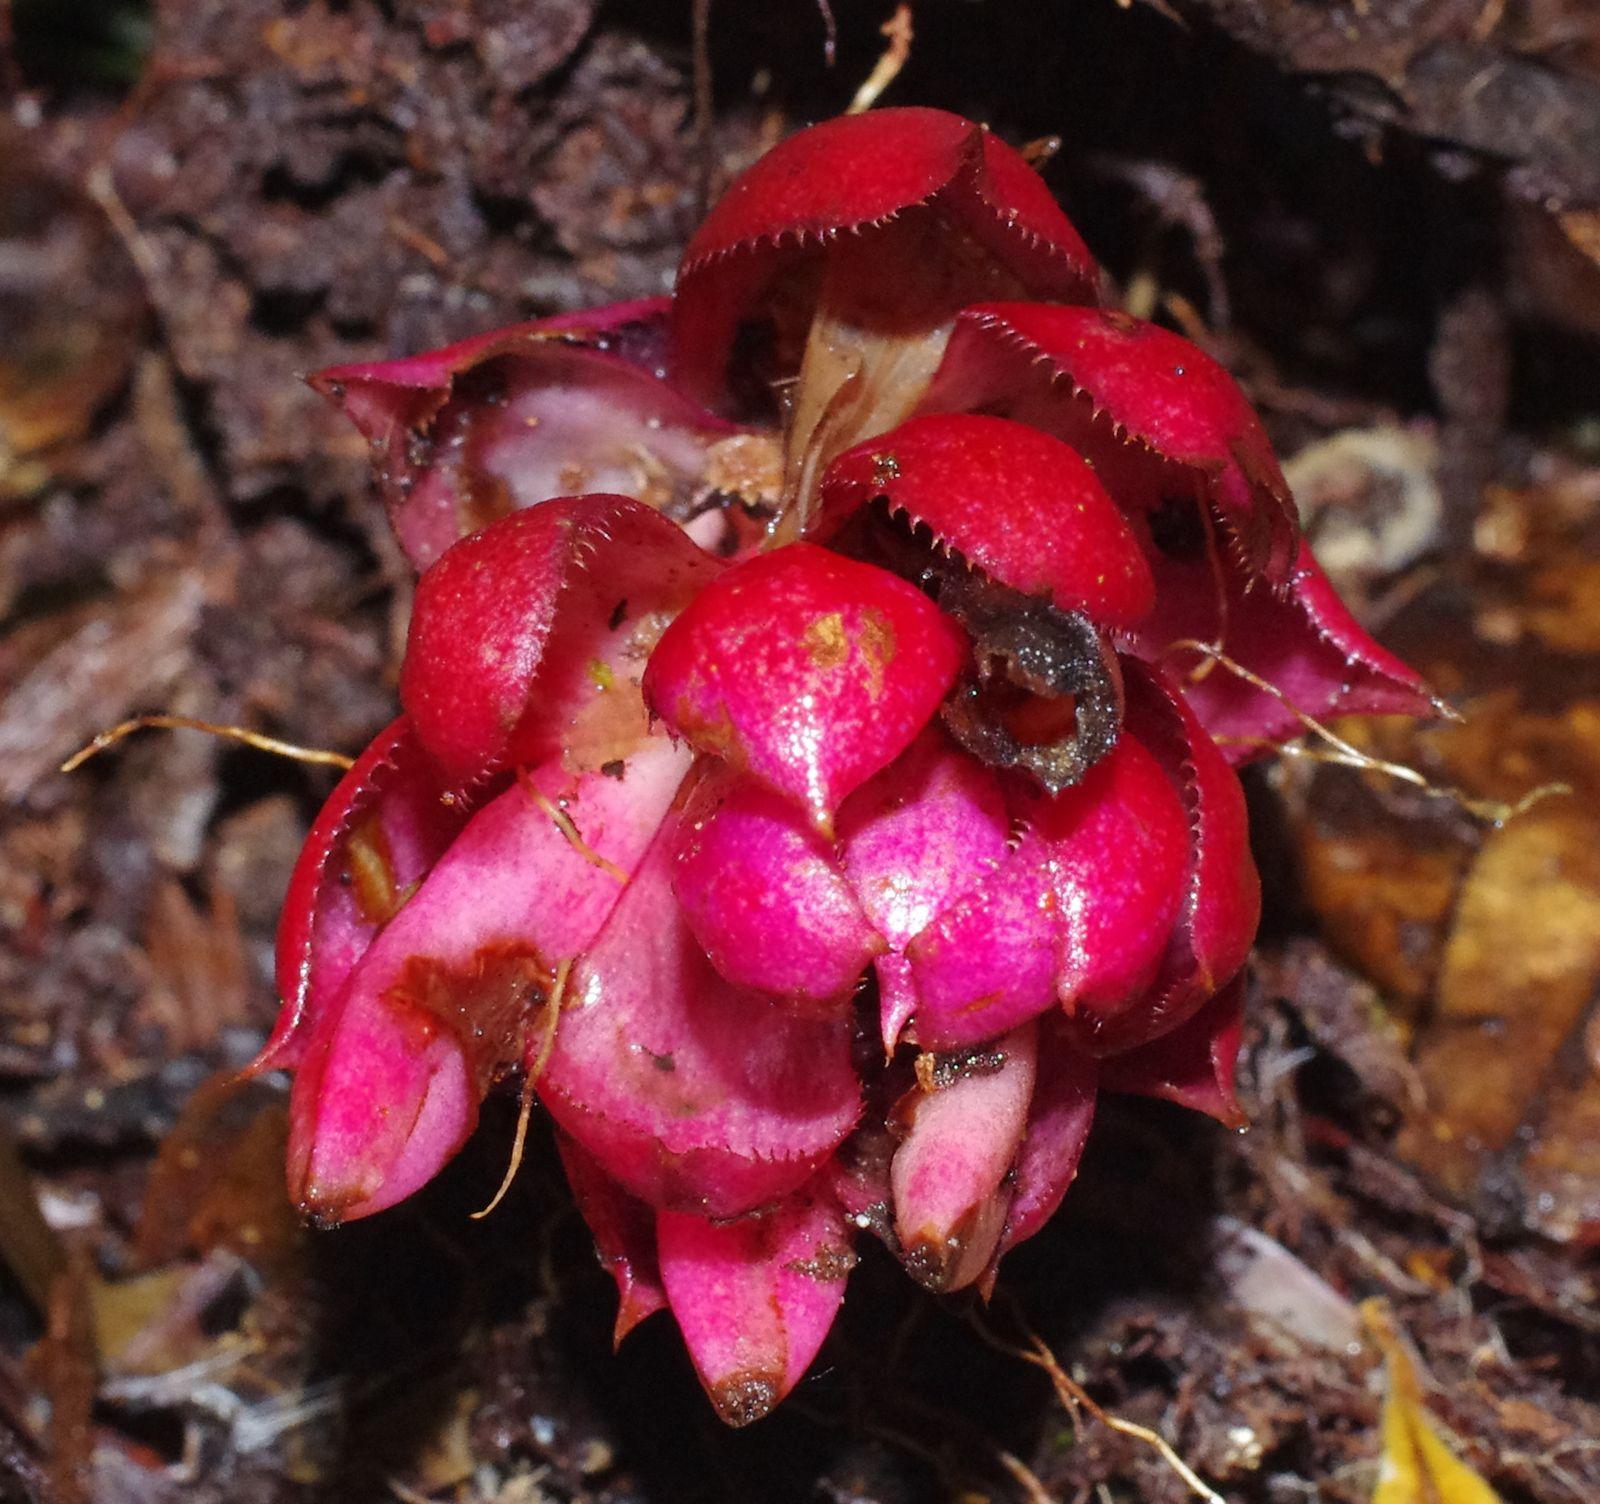 Disteganthus basilateralis